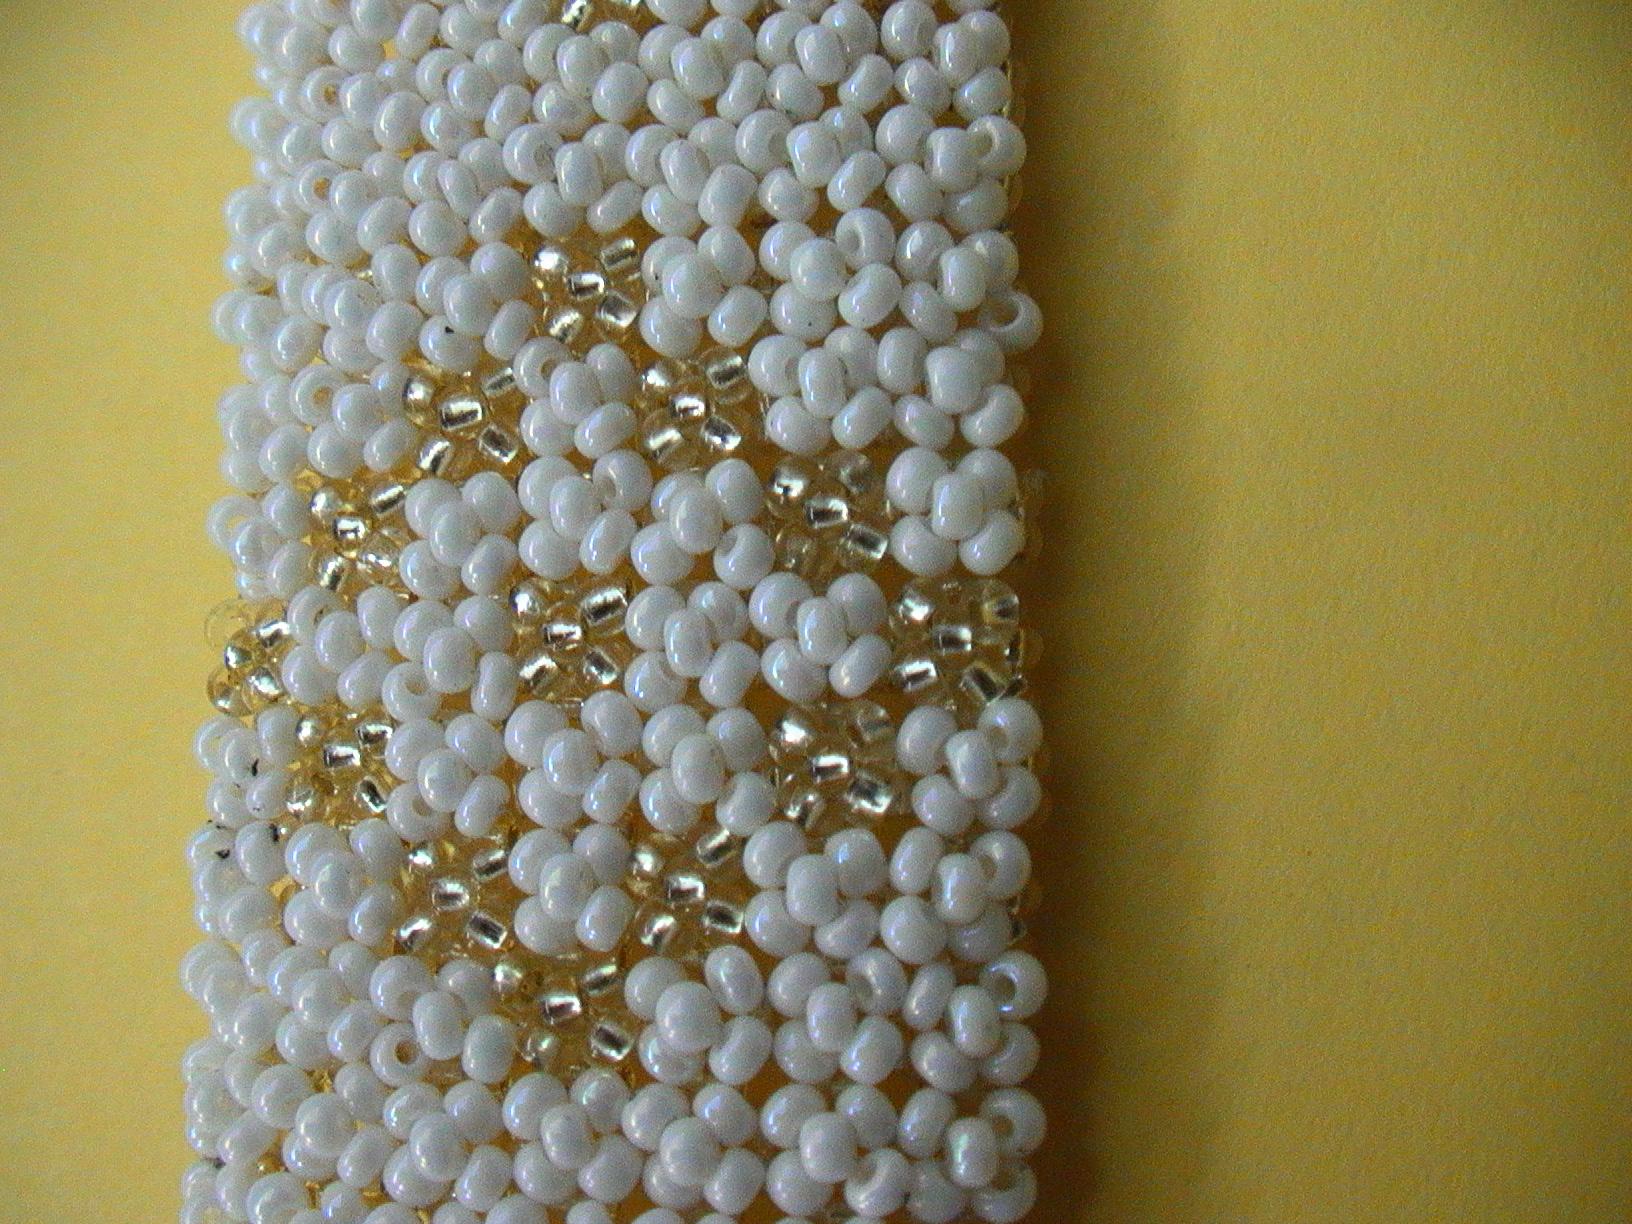 Очень красивый и изящный браслет способен дополнить любой романтический образ современной девушки. .